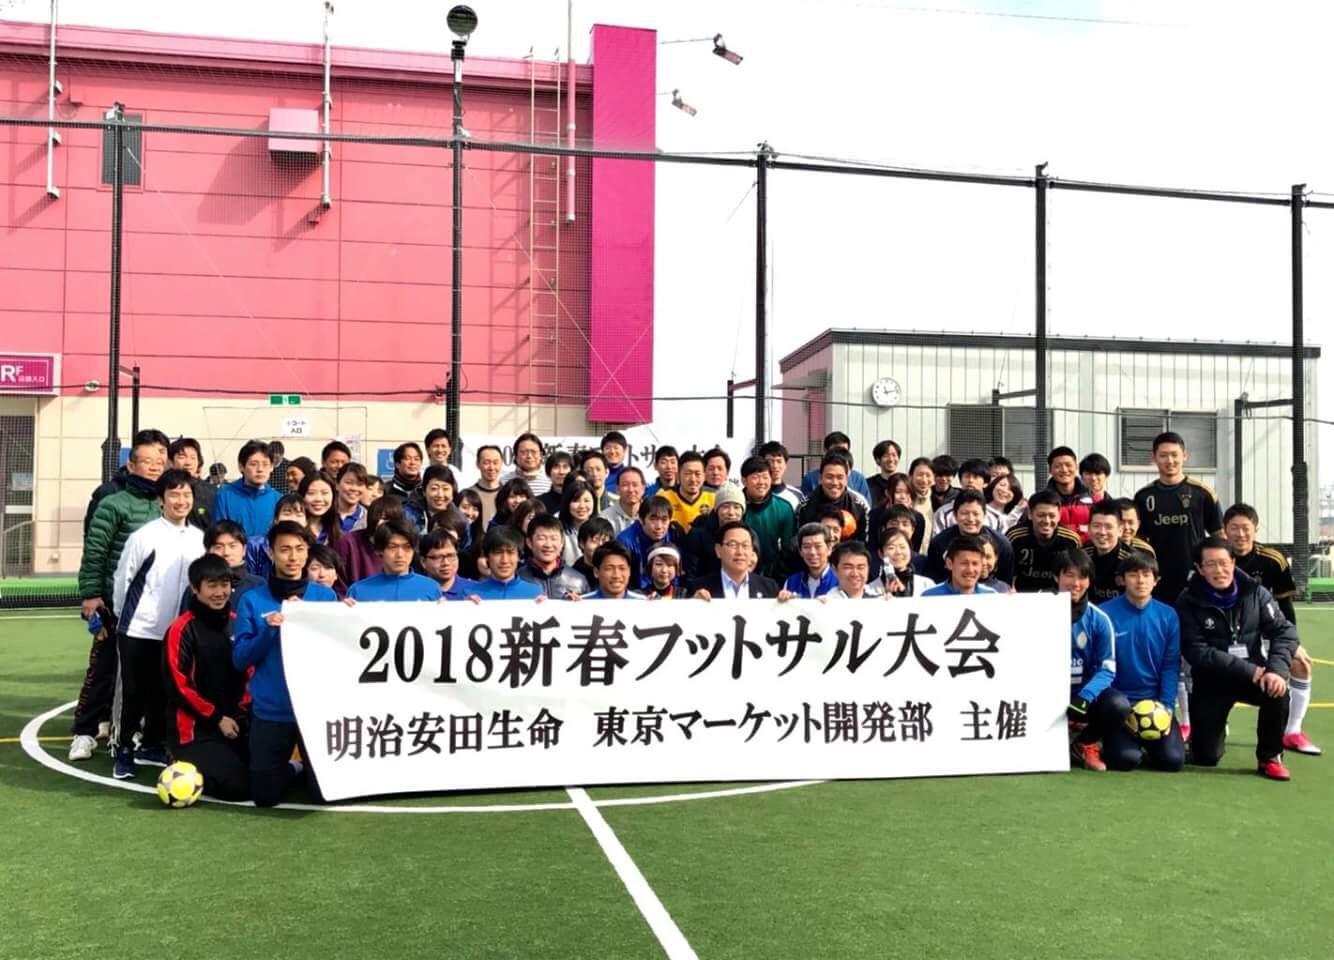 【イベント】明治安田生命相互会社 東京マーケット開発部様主催のフットサル大会に参加してきました